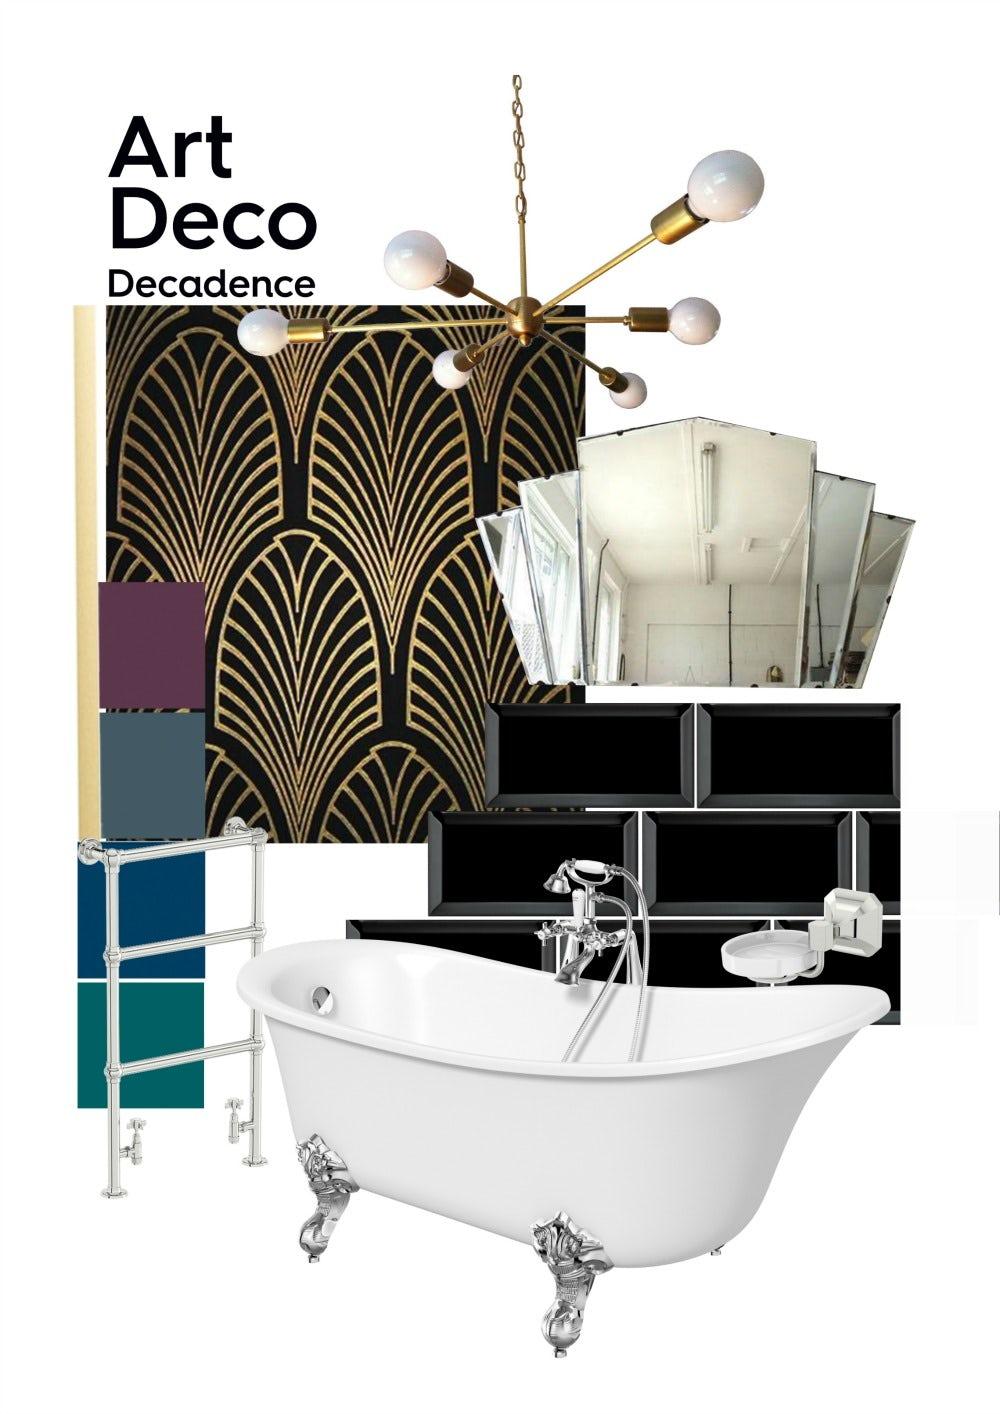 Art deco bathroom mood board